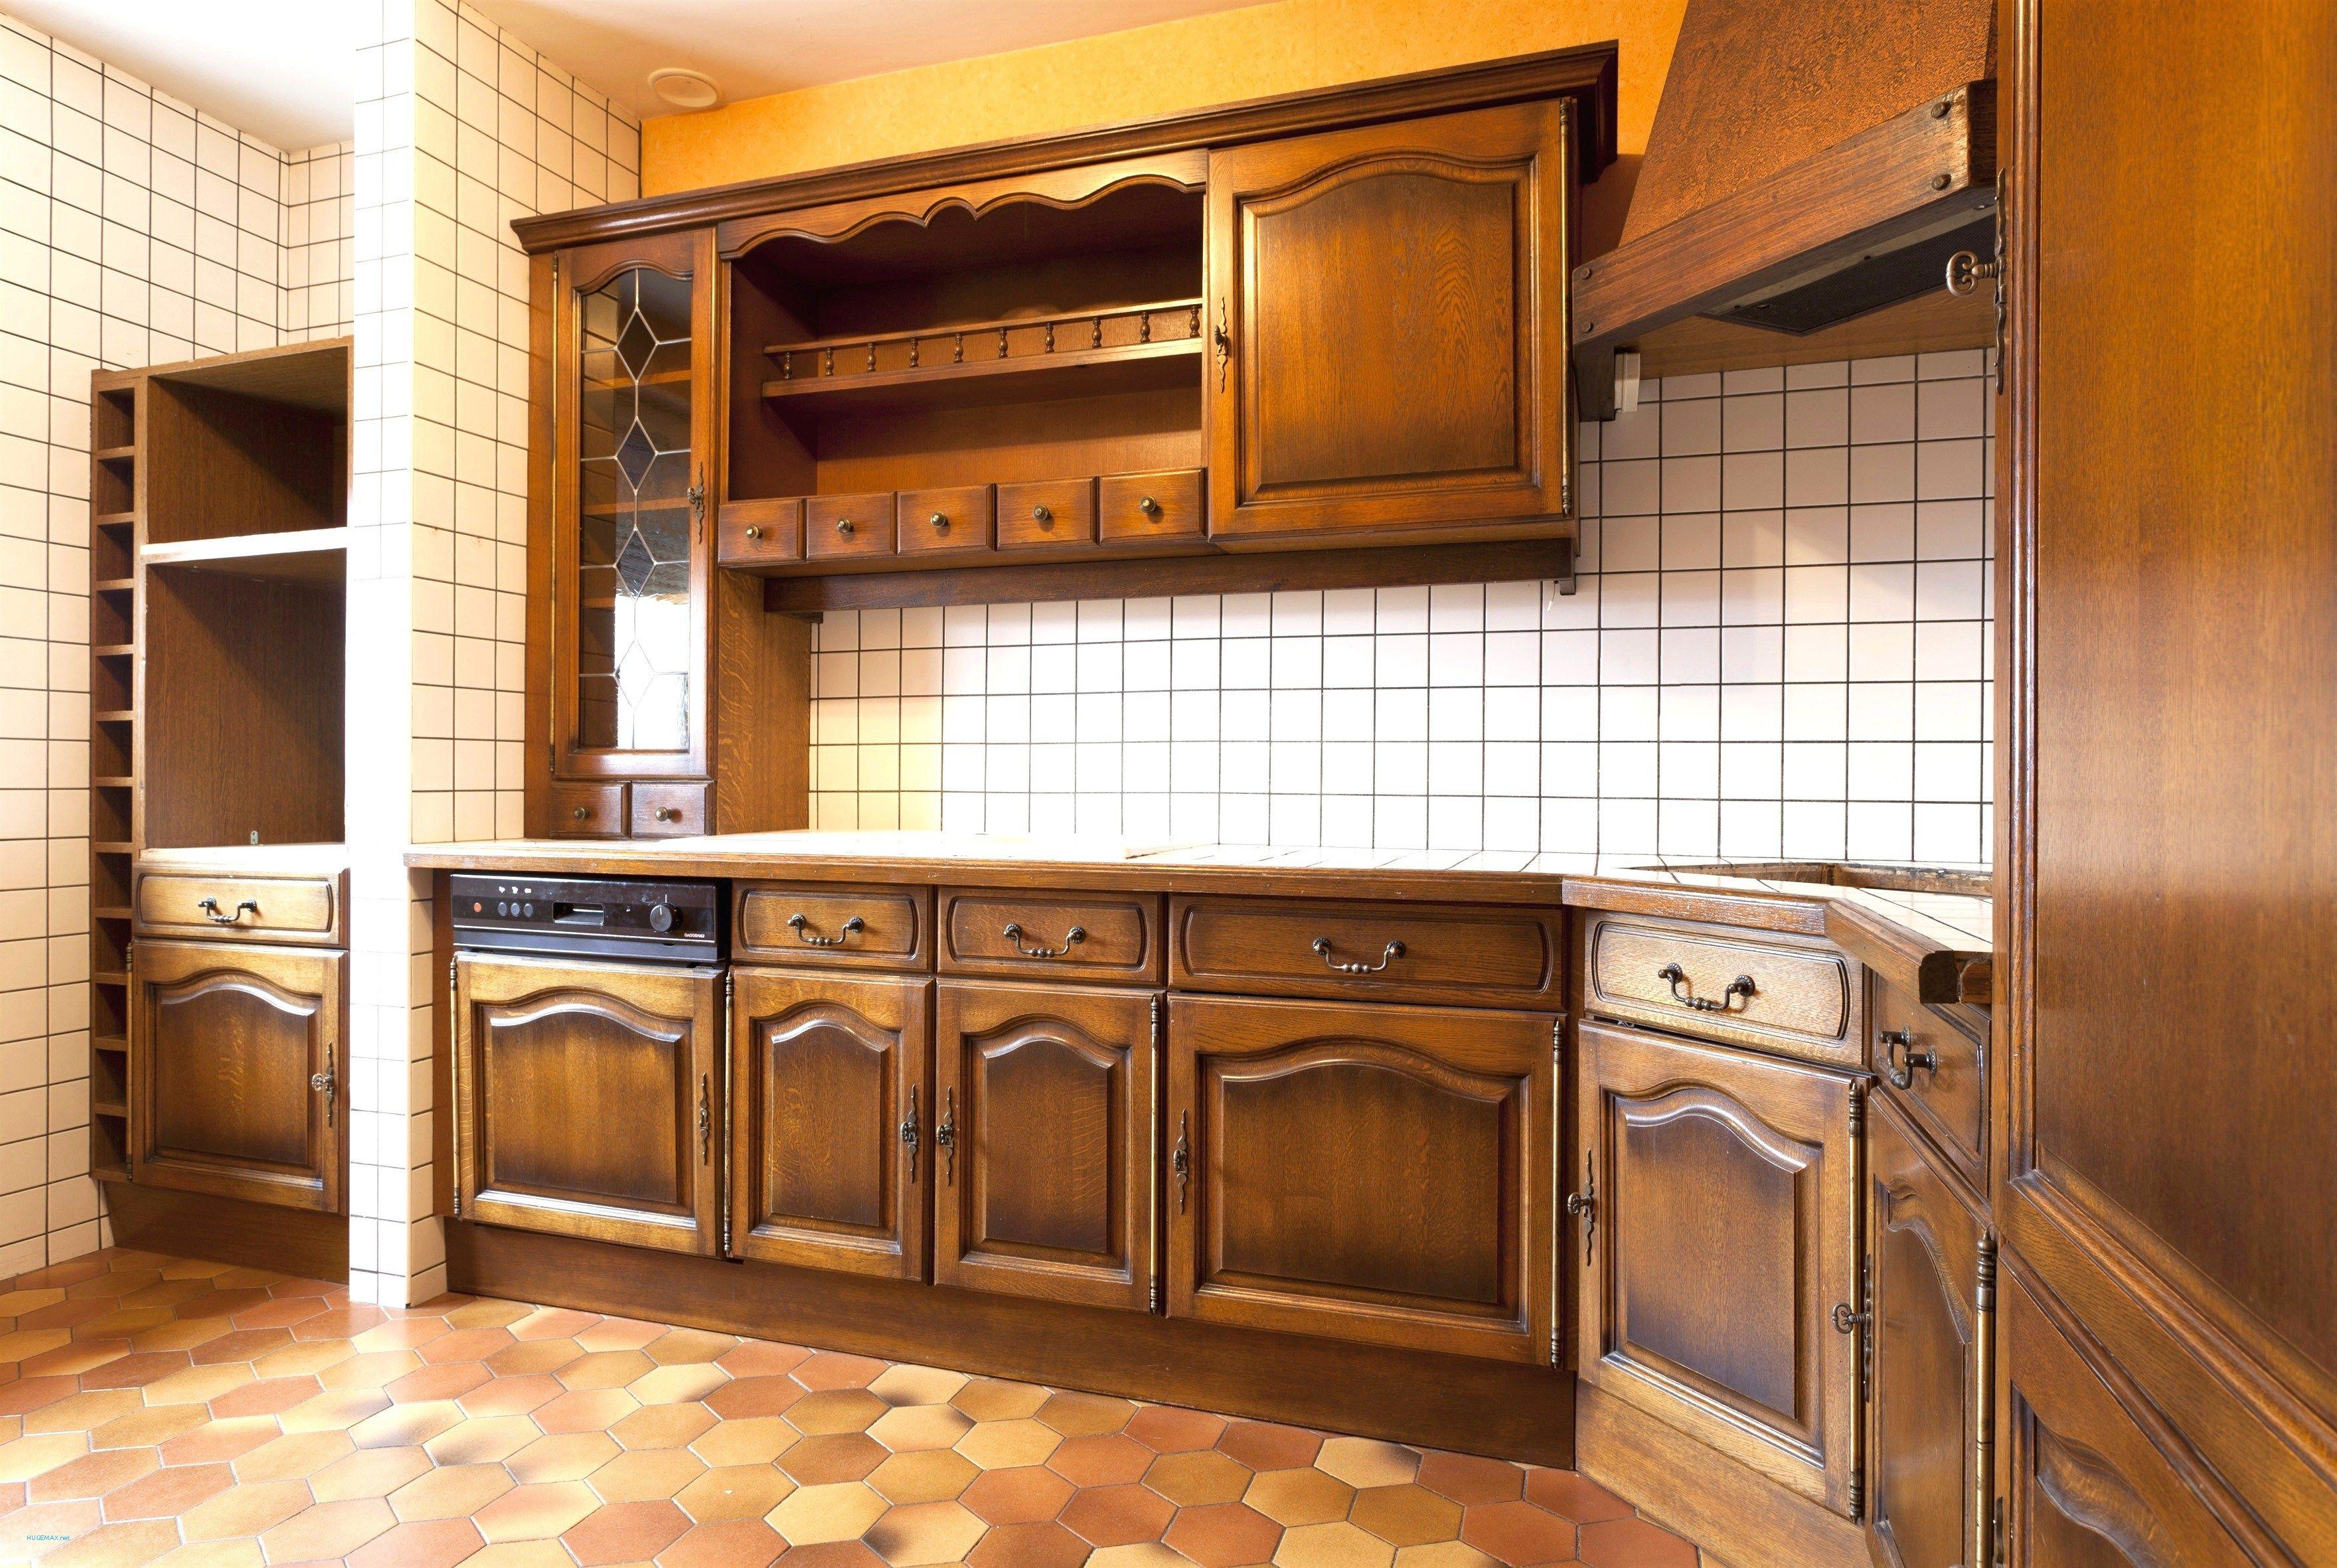 Lovely Peinture Renovation Faience V33 Avis Grey Kitchen Furniture Kitchen Renovation Modern Kitchen Models